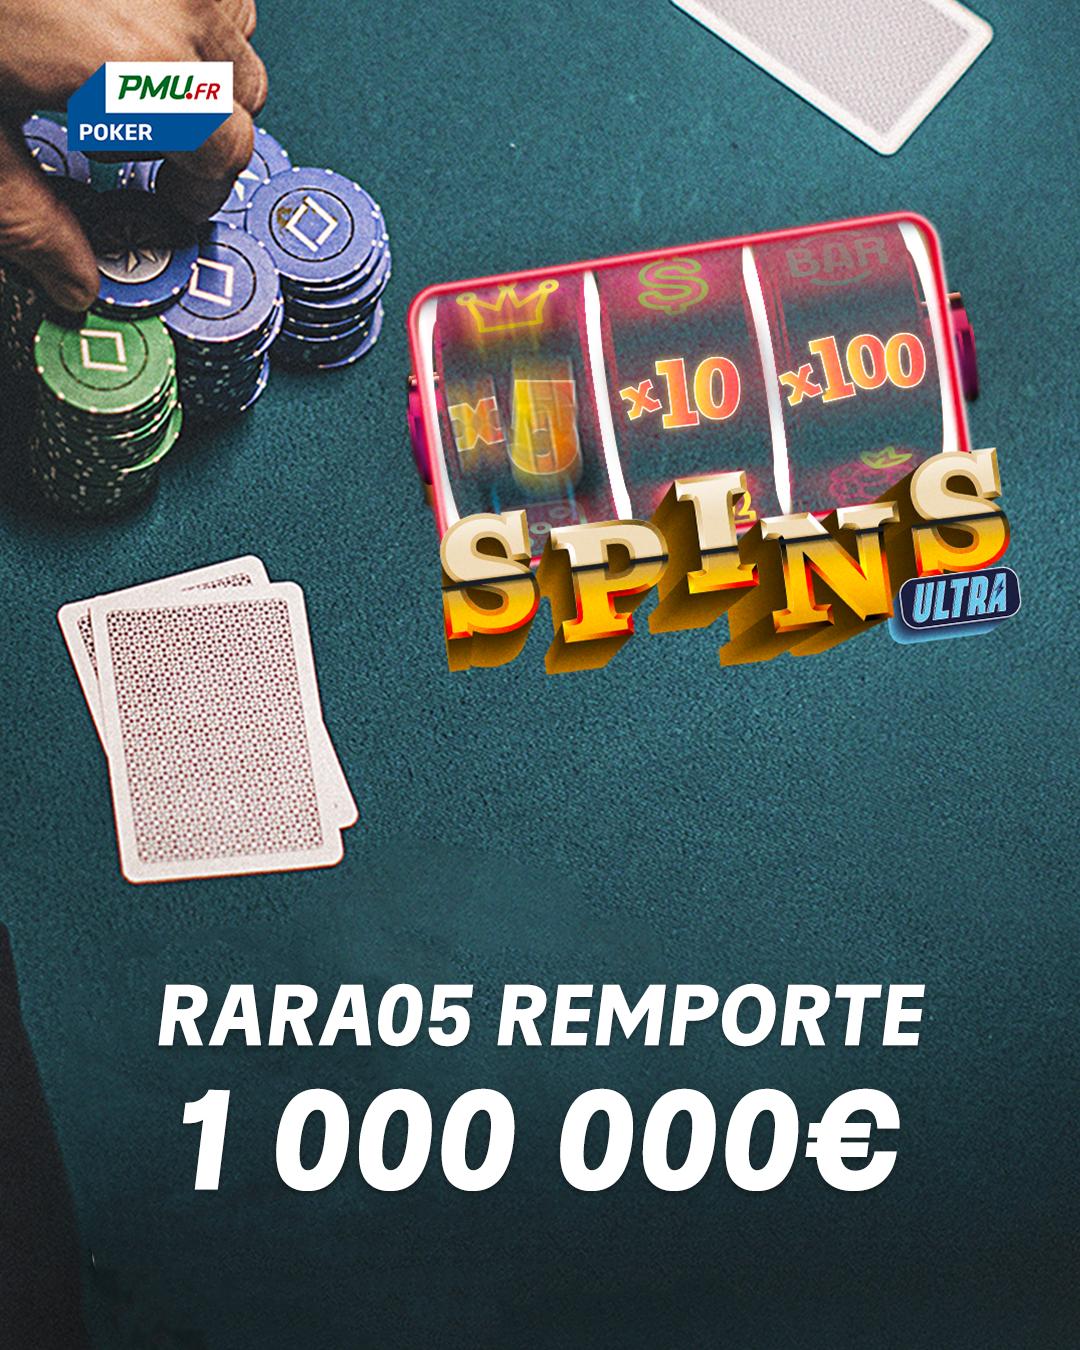 Une joueuse remporte 1 million d'euros sur PMU Poker